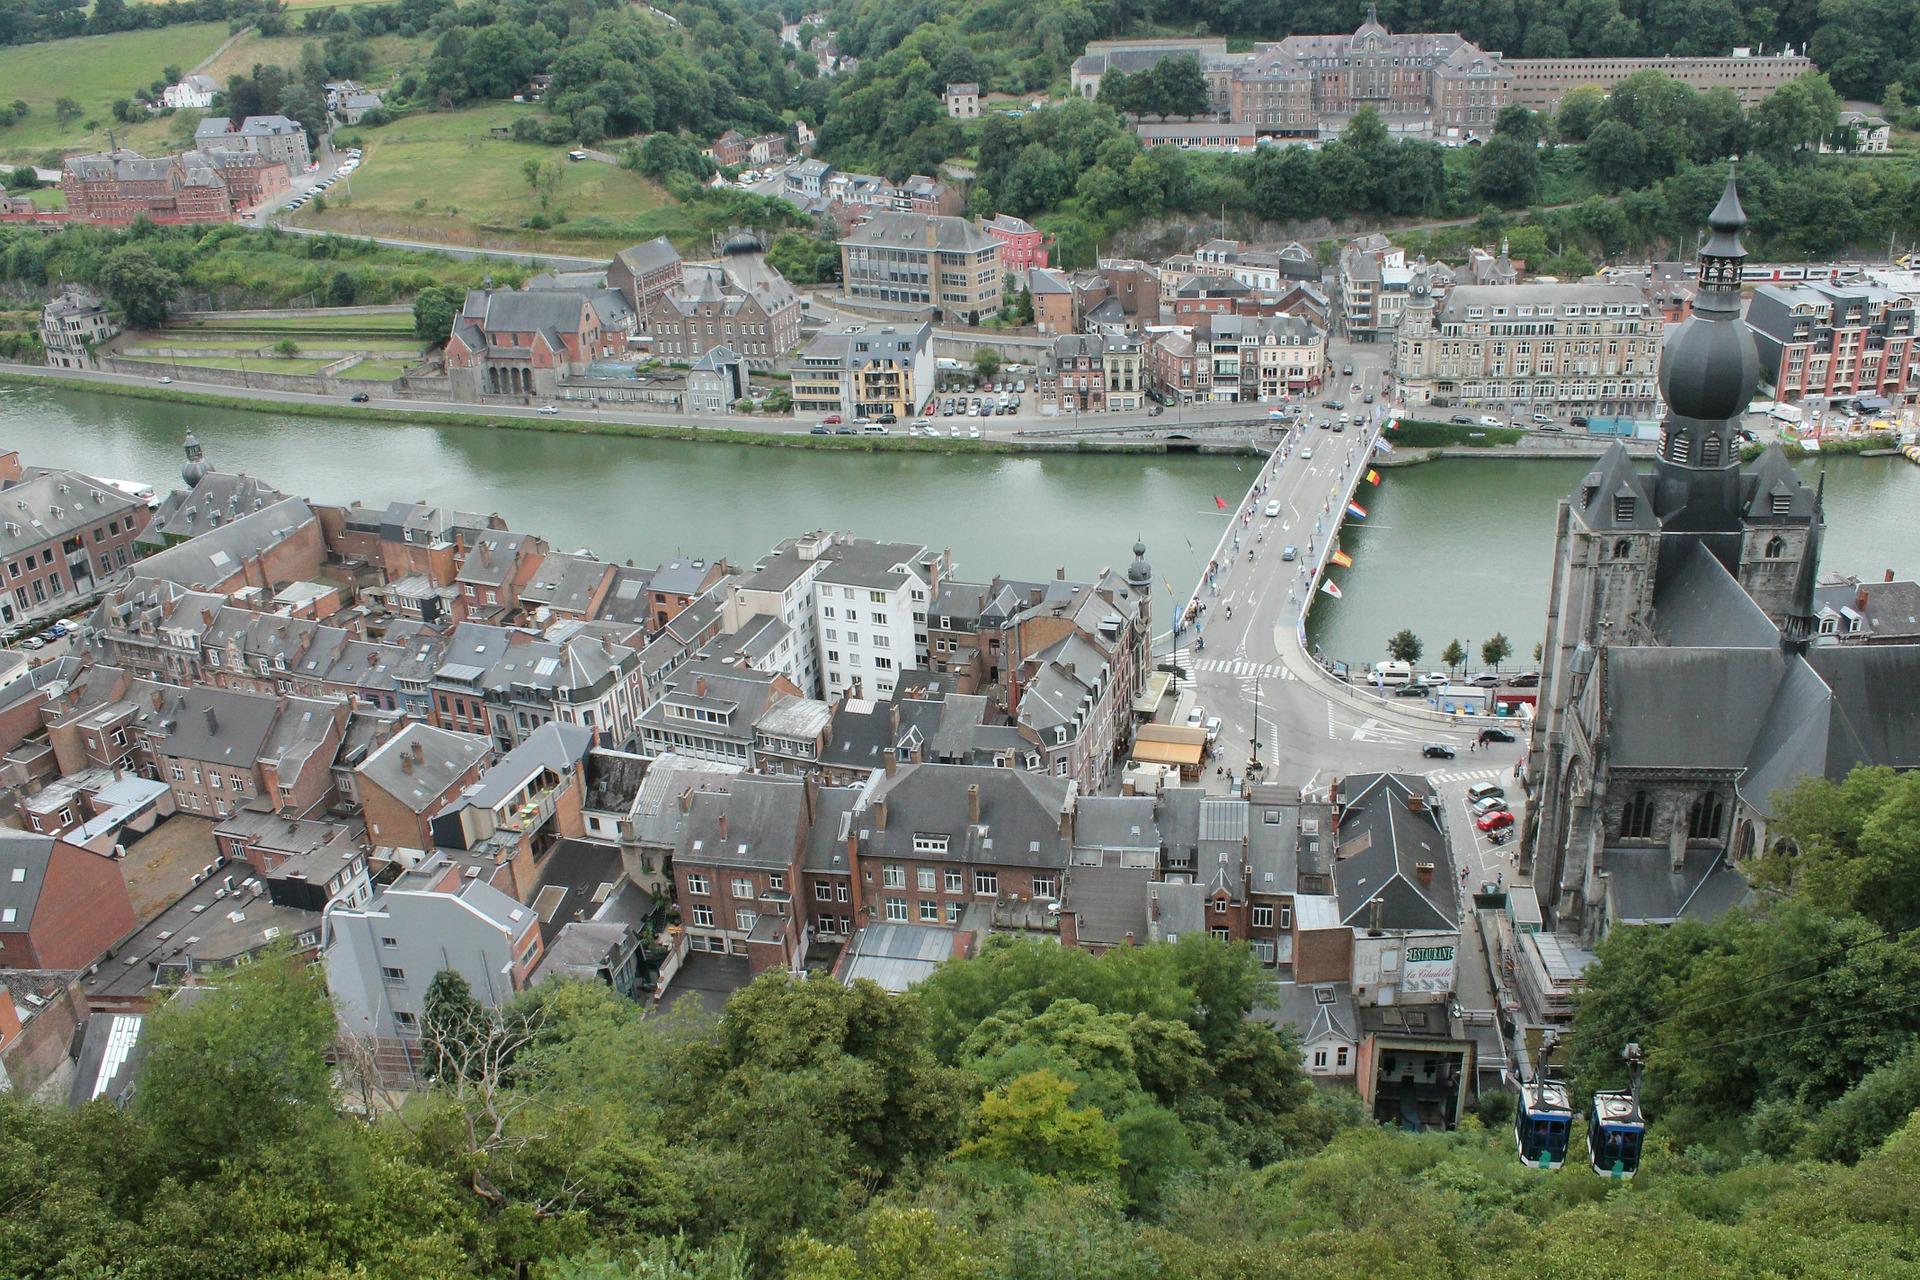 Étude et prix de l'immobilier en Belgique en 2020